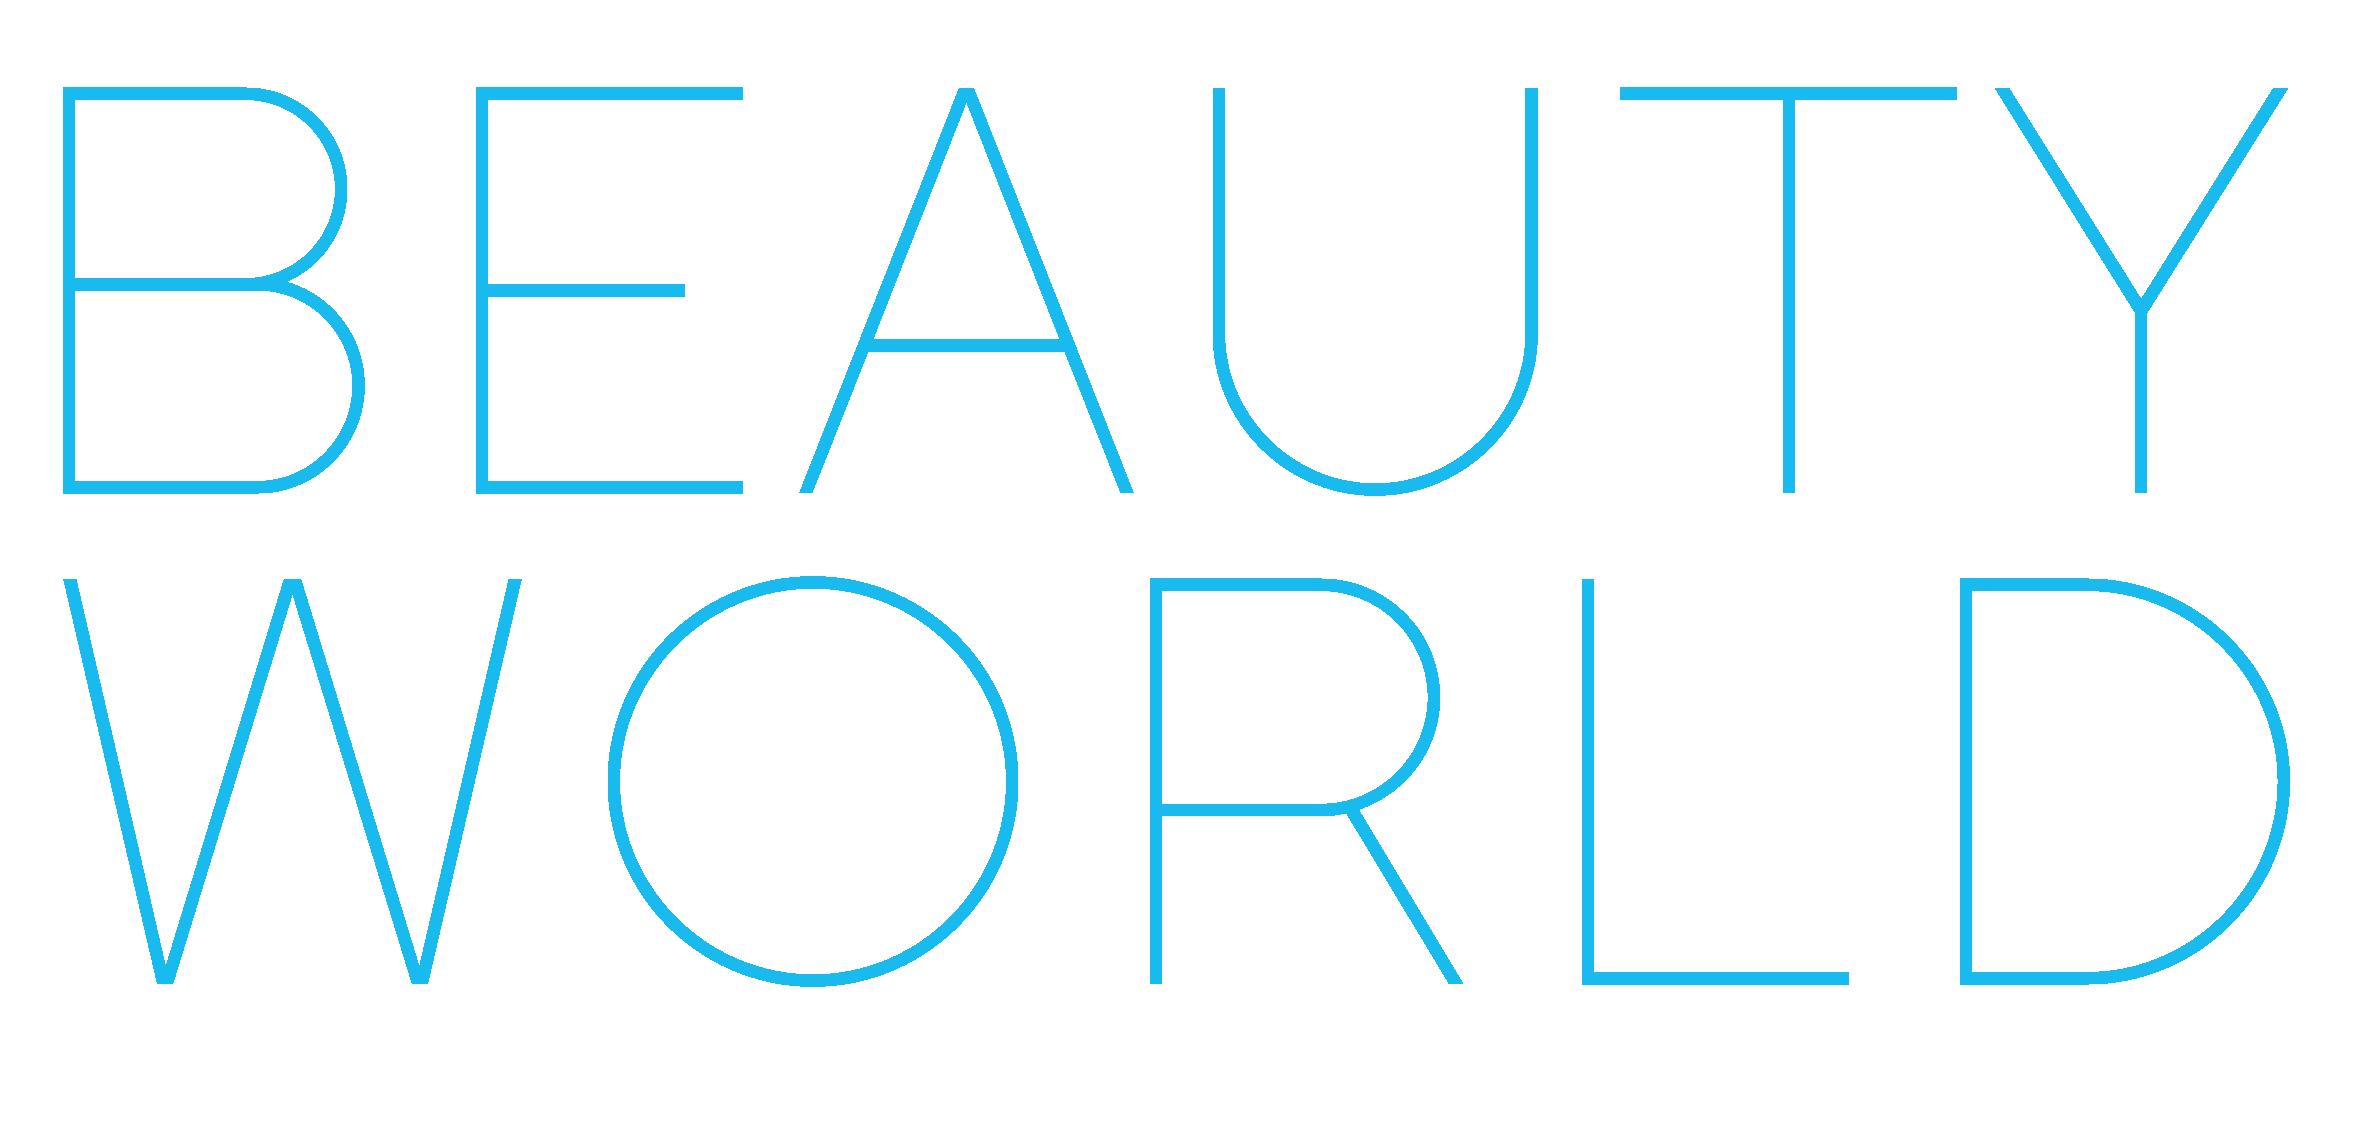 BEAUTY WORLD - Birgit Wildberger aus Hartkirchen in Oberösterreich | Birgit Wildberger aus dem Bezirk Eferding kümmert sich um Ihr Wohlbefinden! Ob Kosmetik, Massage, Maniküre, Fußpflege oder Wellnesspaket-wir freuen uns auf Sie!